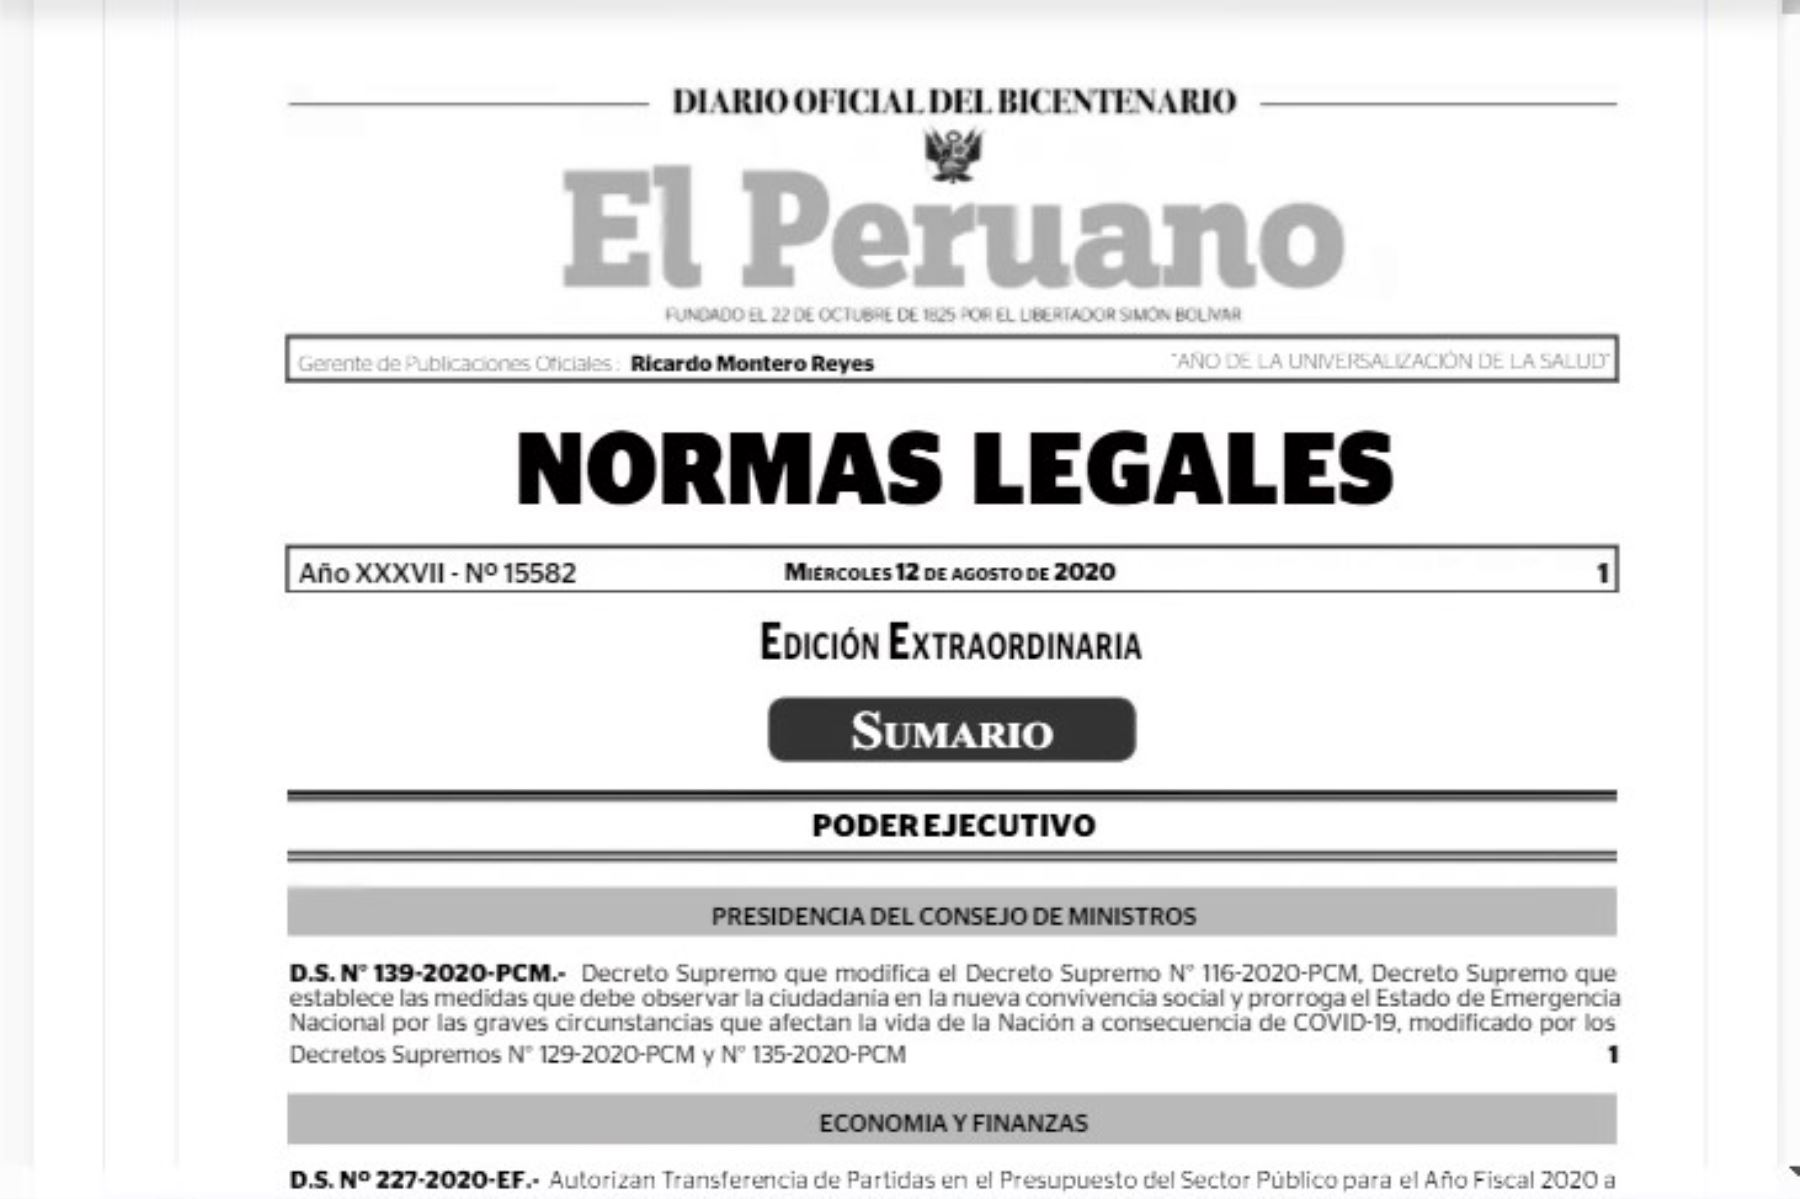 Publican en El Peruano el D.S. N° 139-2020-PCM.